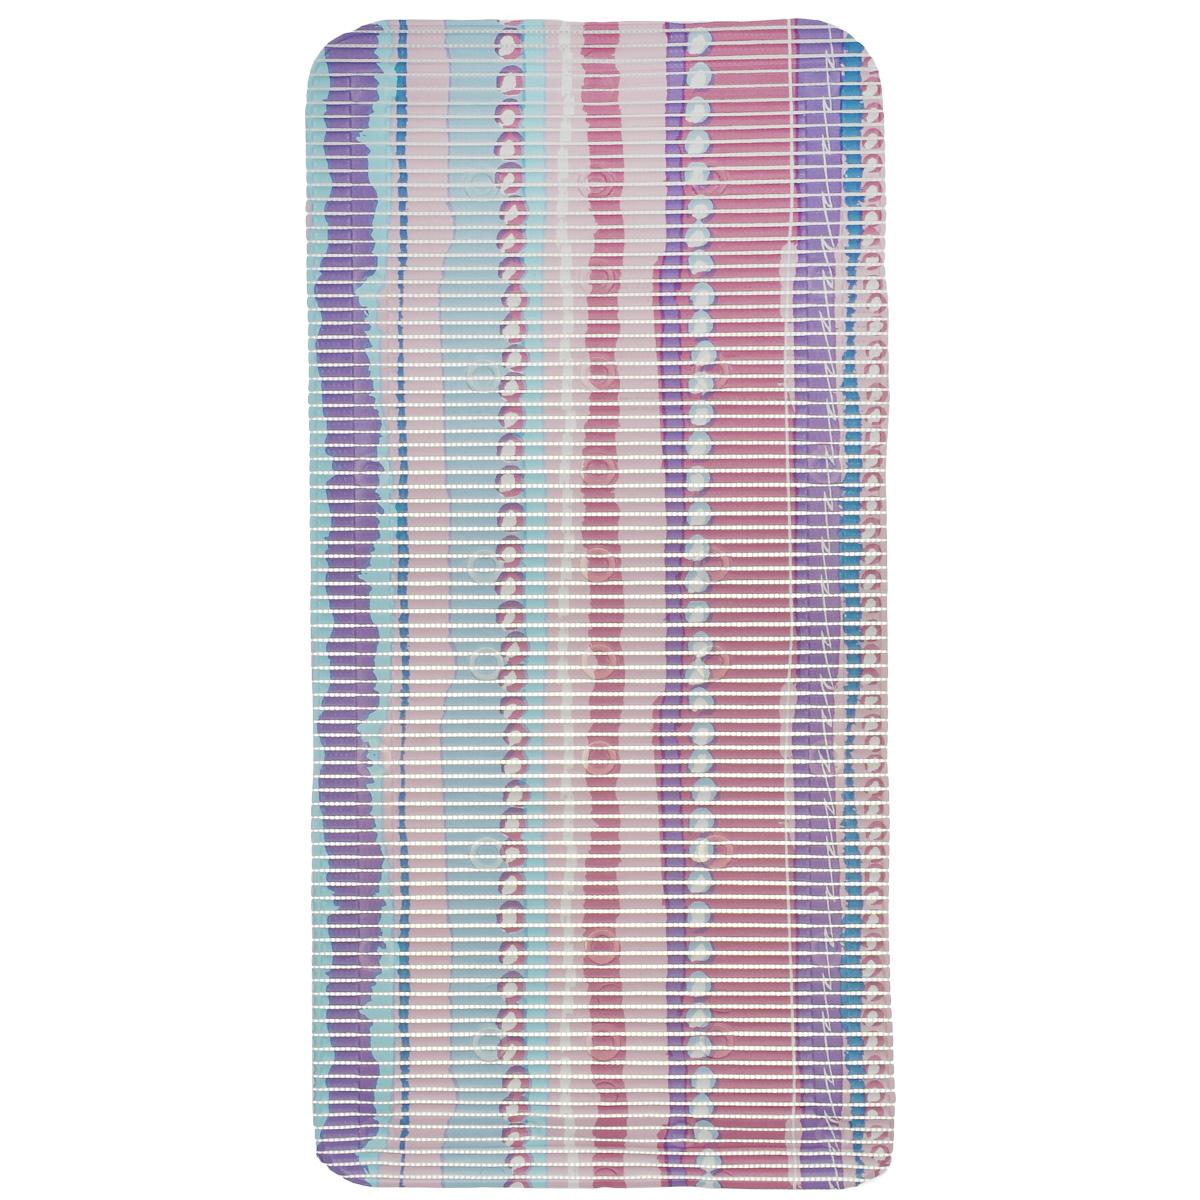 Коврик для ванной Fresh Code, на присосках, цвет: розовый, 90 см х 43 см55765 розовыйКоврик для ванной Fresh Code из мягкого ПВХ создаст комфортное антискользящее покрытие в ванной. Крепится ко дну ванны при помощи присосок. Может также использоваться в качестве покрытия для ванной комнаты. Рекомендации по уходу: протрите коврик влажной губкой с мягким моющим средством, тщательно ополосните чистой водой и просушите.